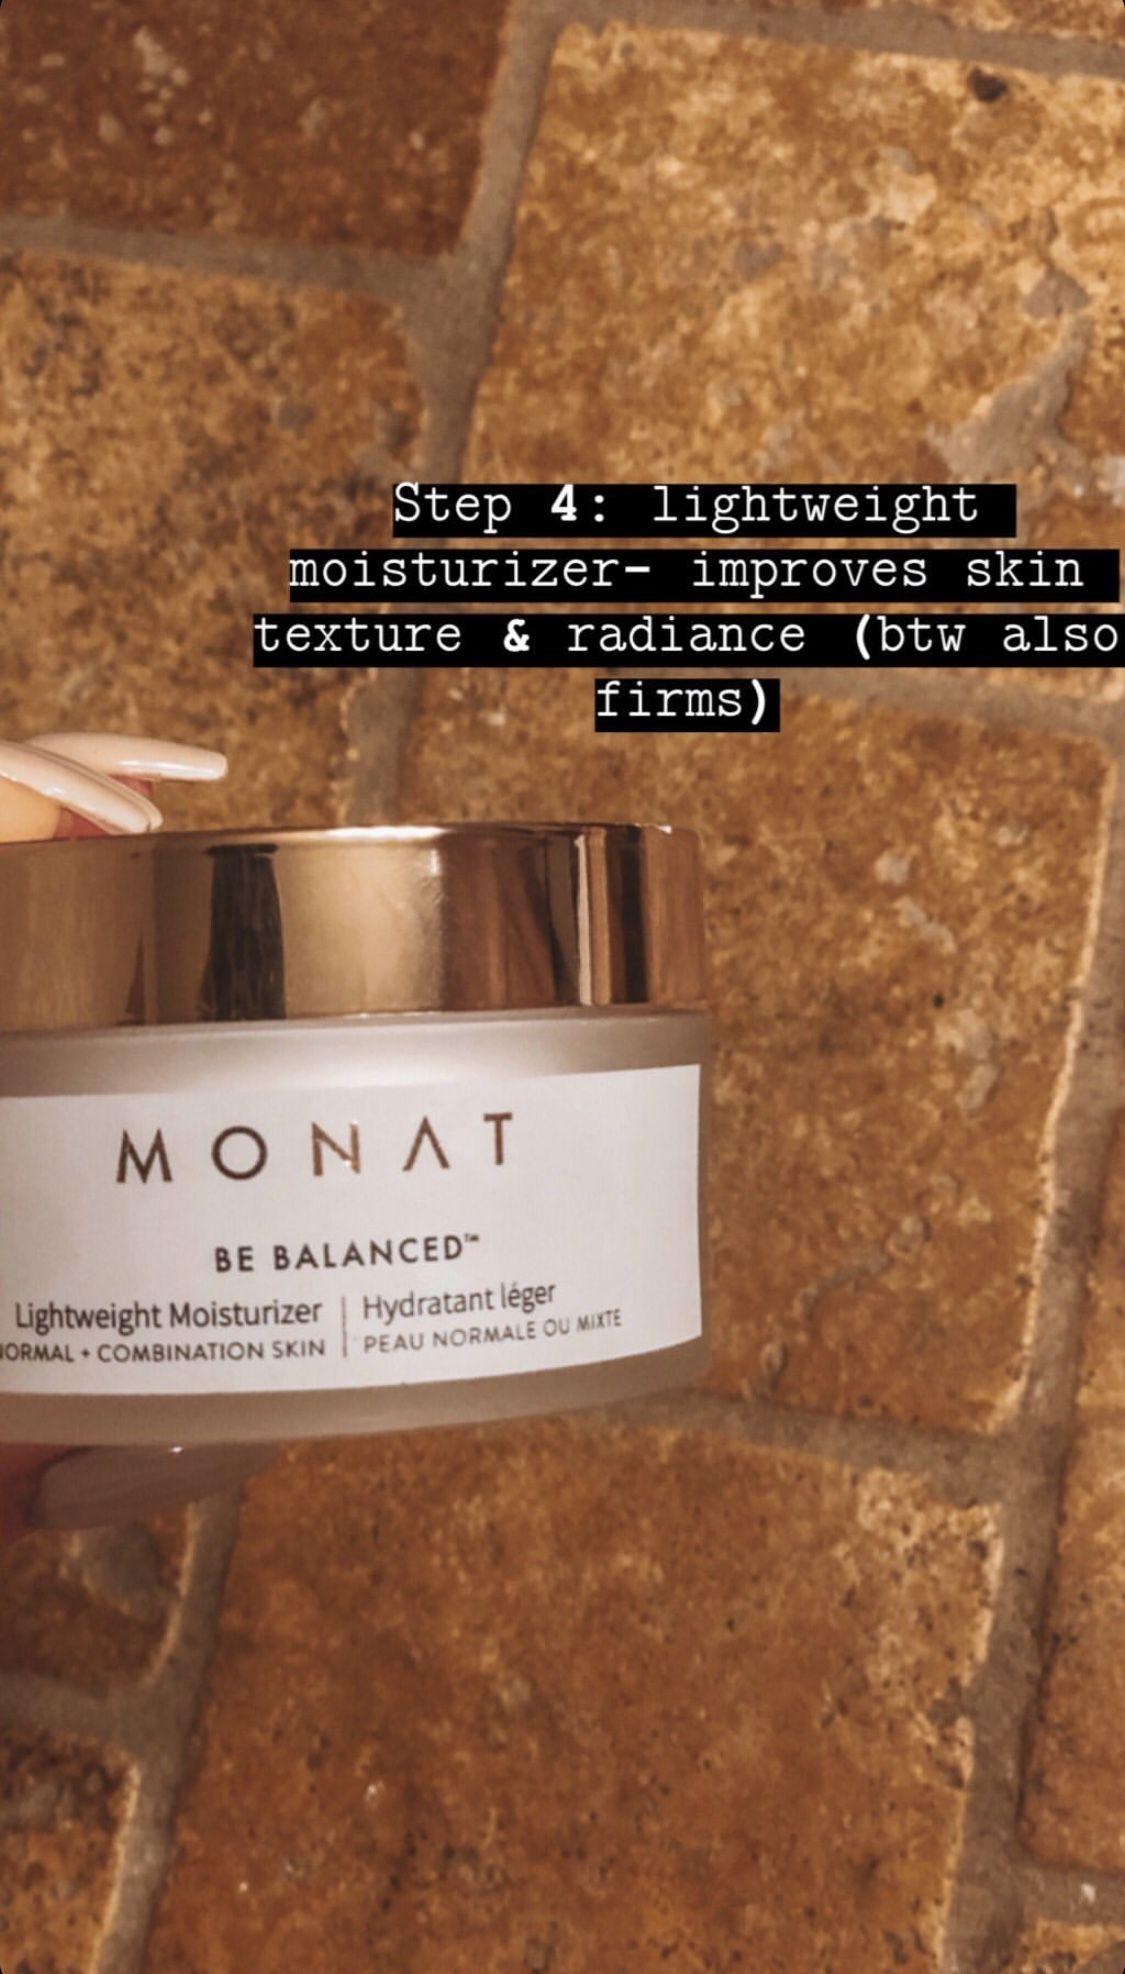 Monat Skincare in 2020 Monat hair, Skin care, Natural